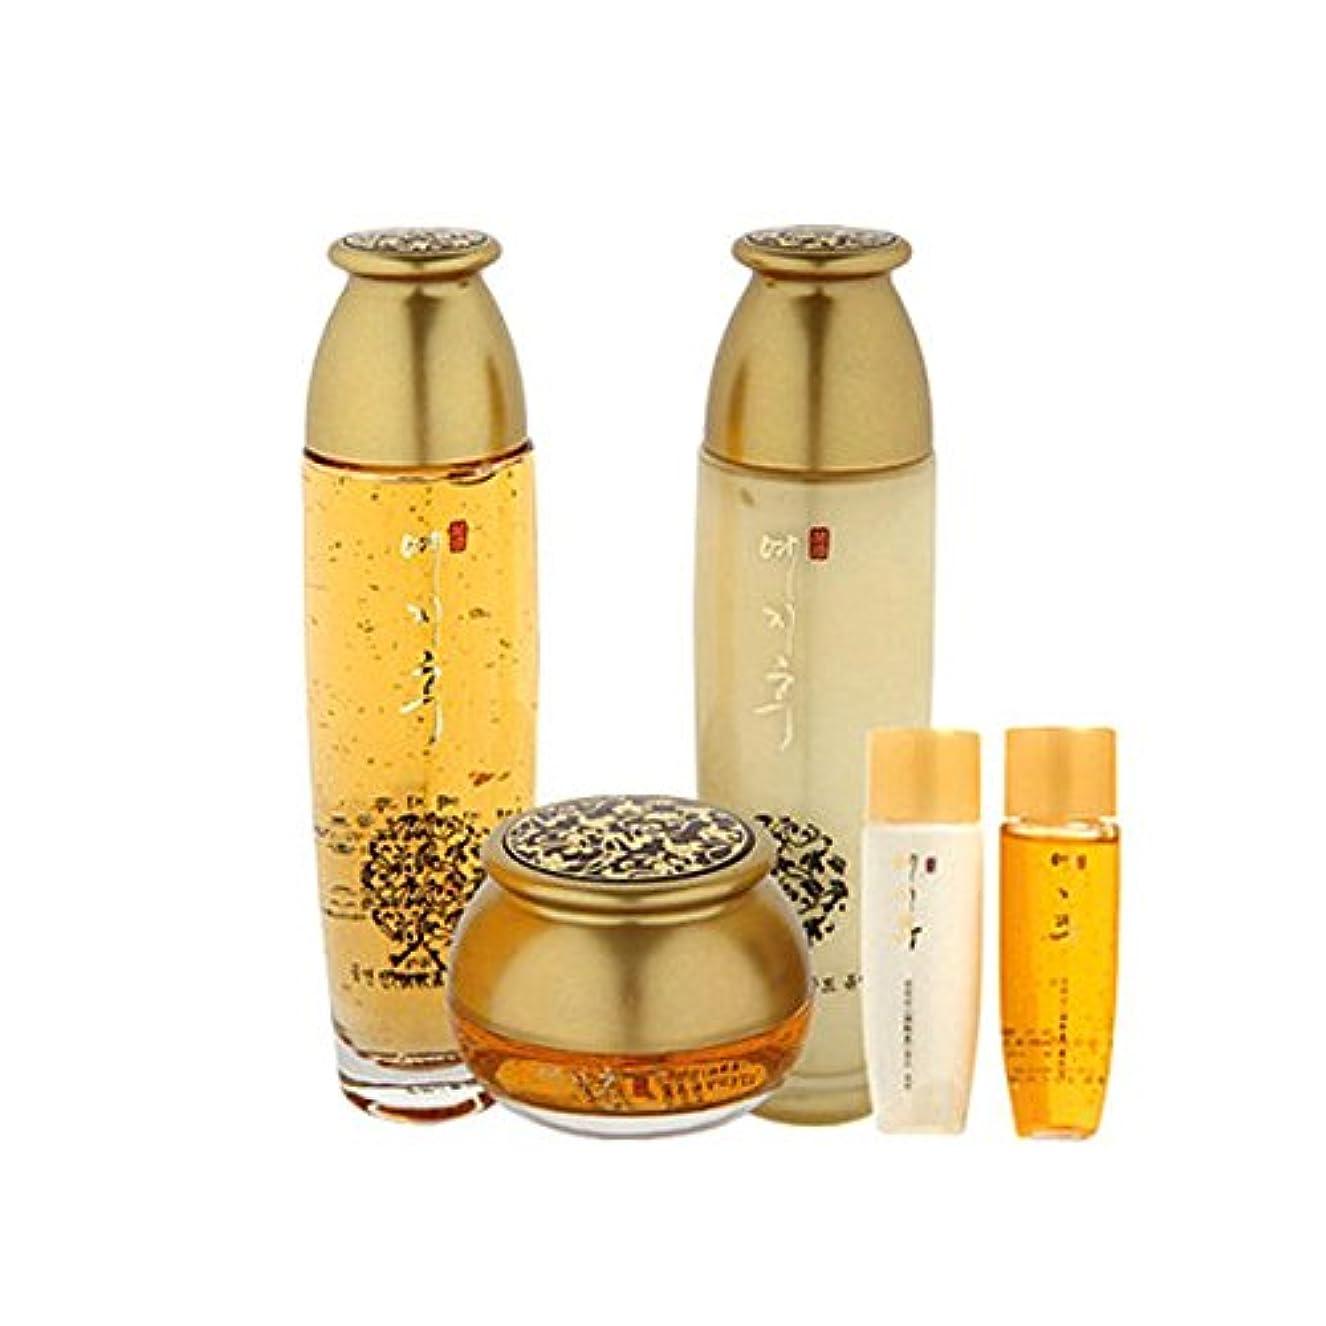 最初はなめらかなカウント[韓国コスメYEZIHU]99.9% Pure Gold Skin Care Set 99.9%ピュアゴールド漢方スキンケア3セット樹液/乳液/クリーム [並行輸入品]